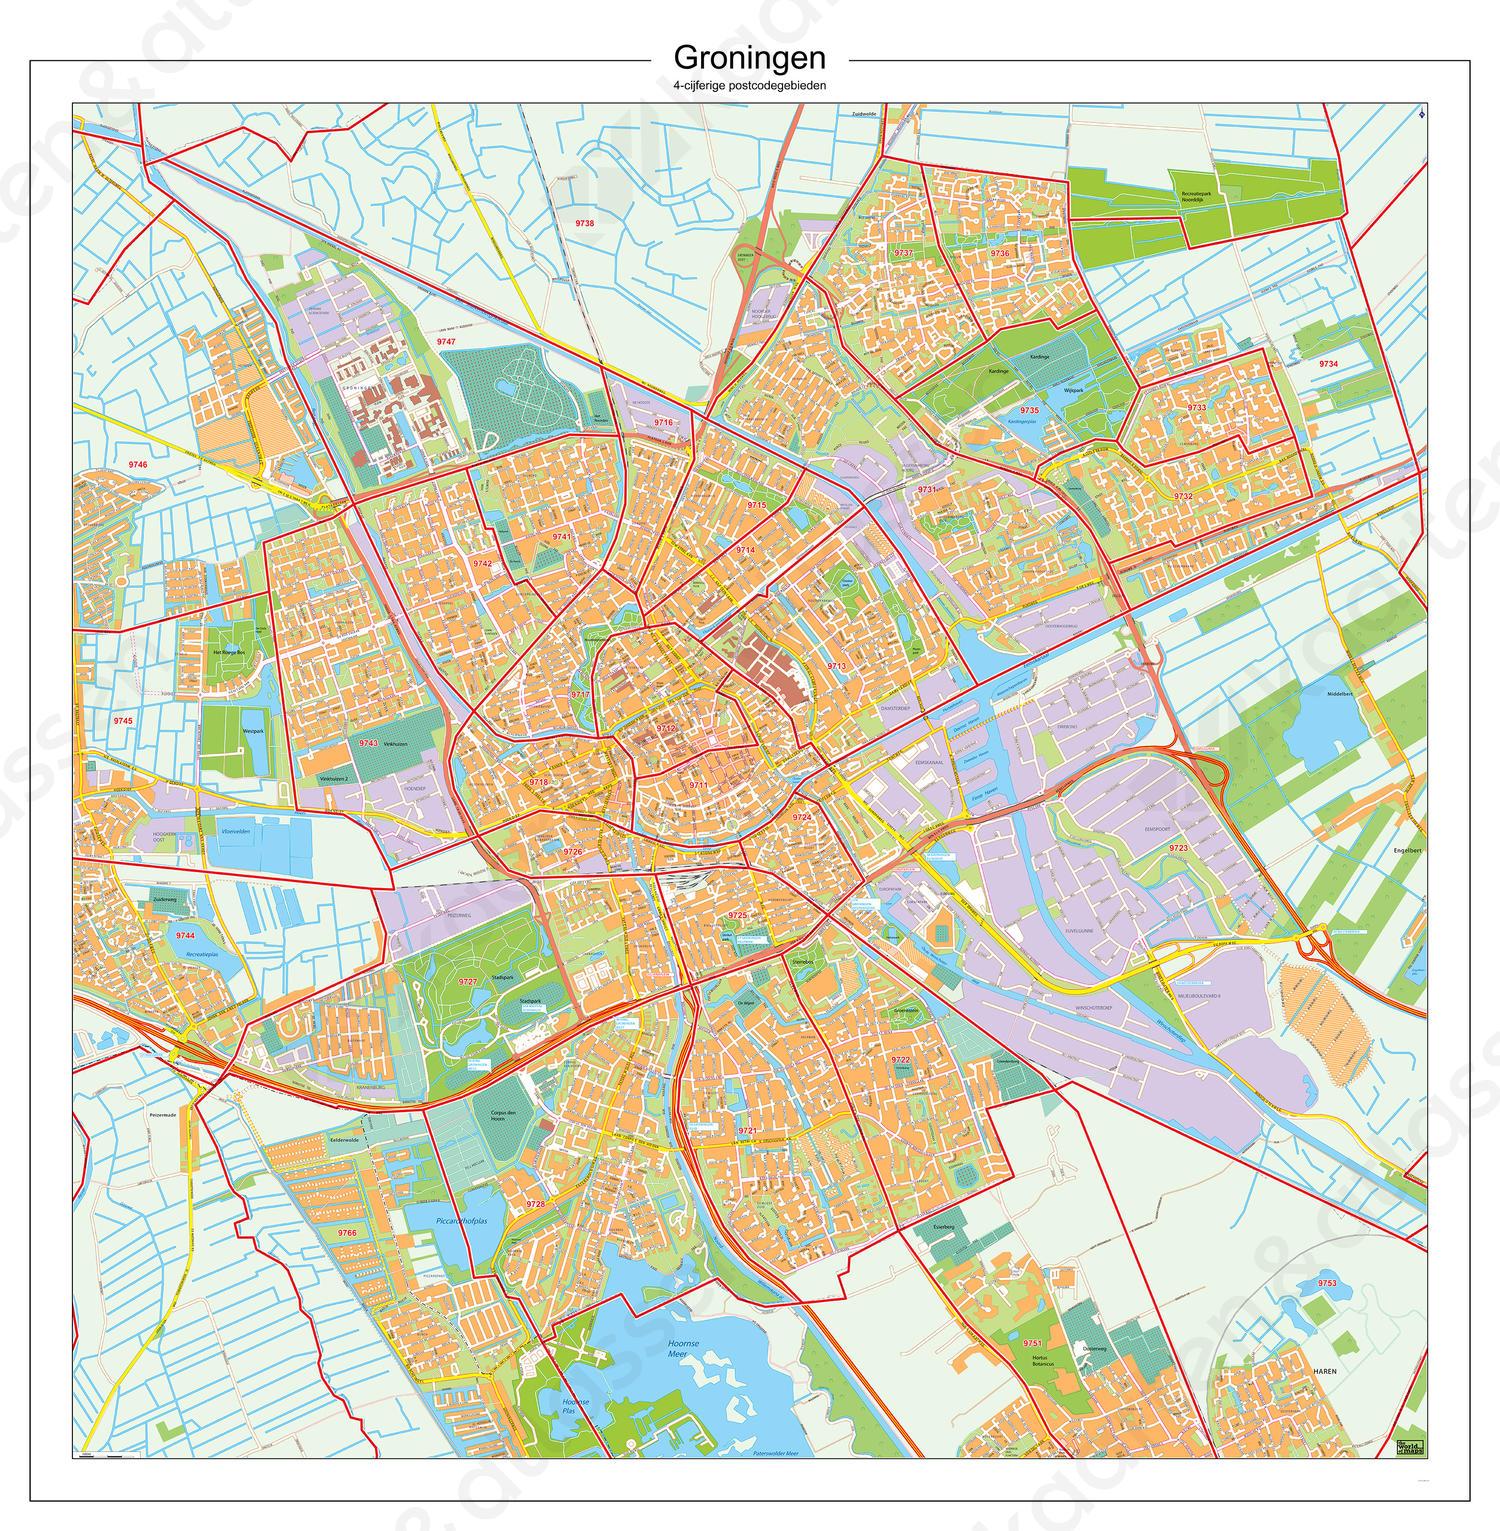 Postcodekaart Groningen